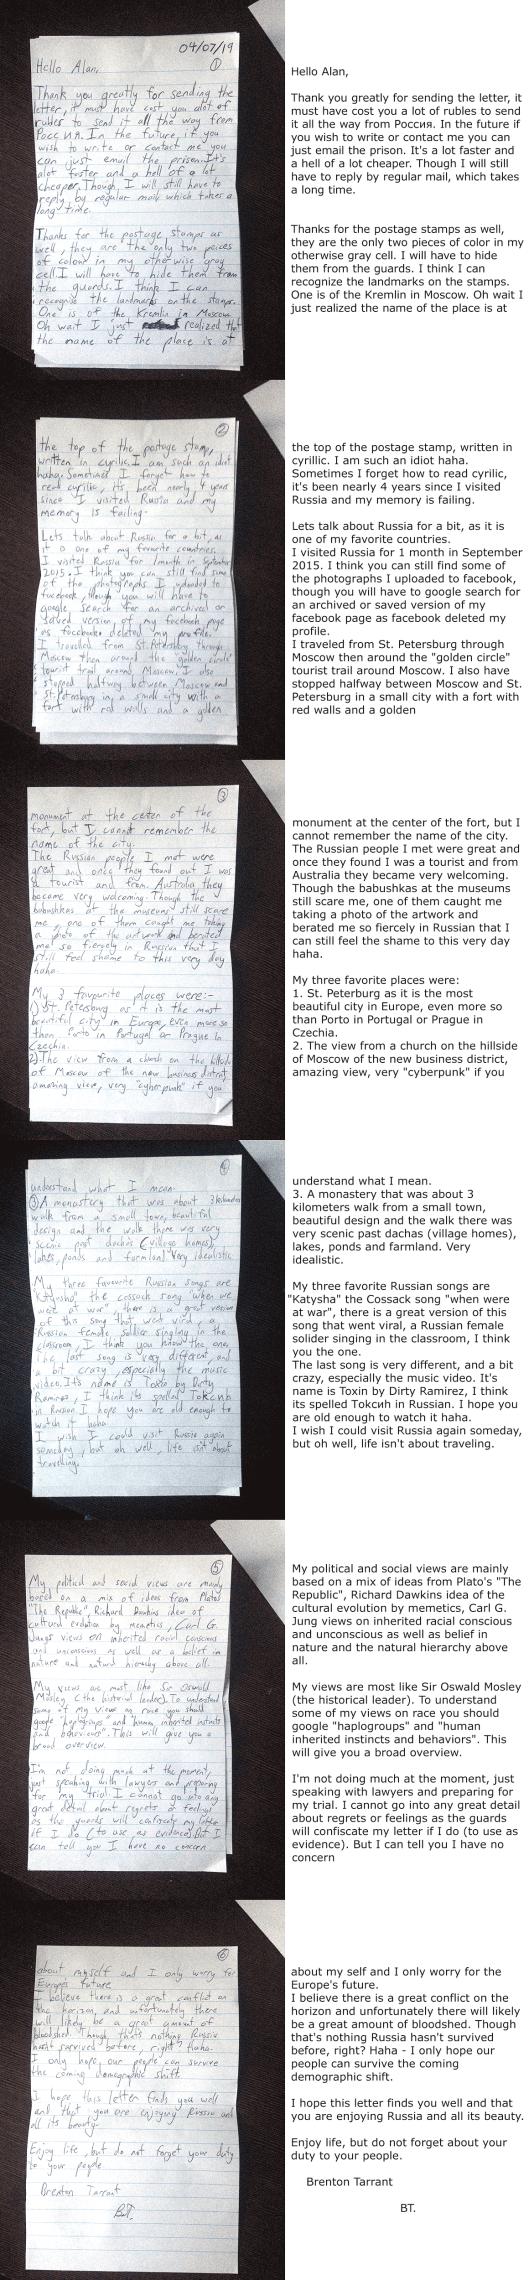 Tarrant letter